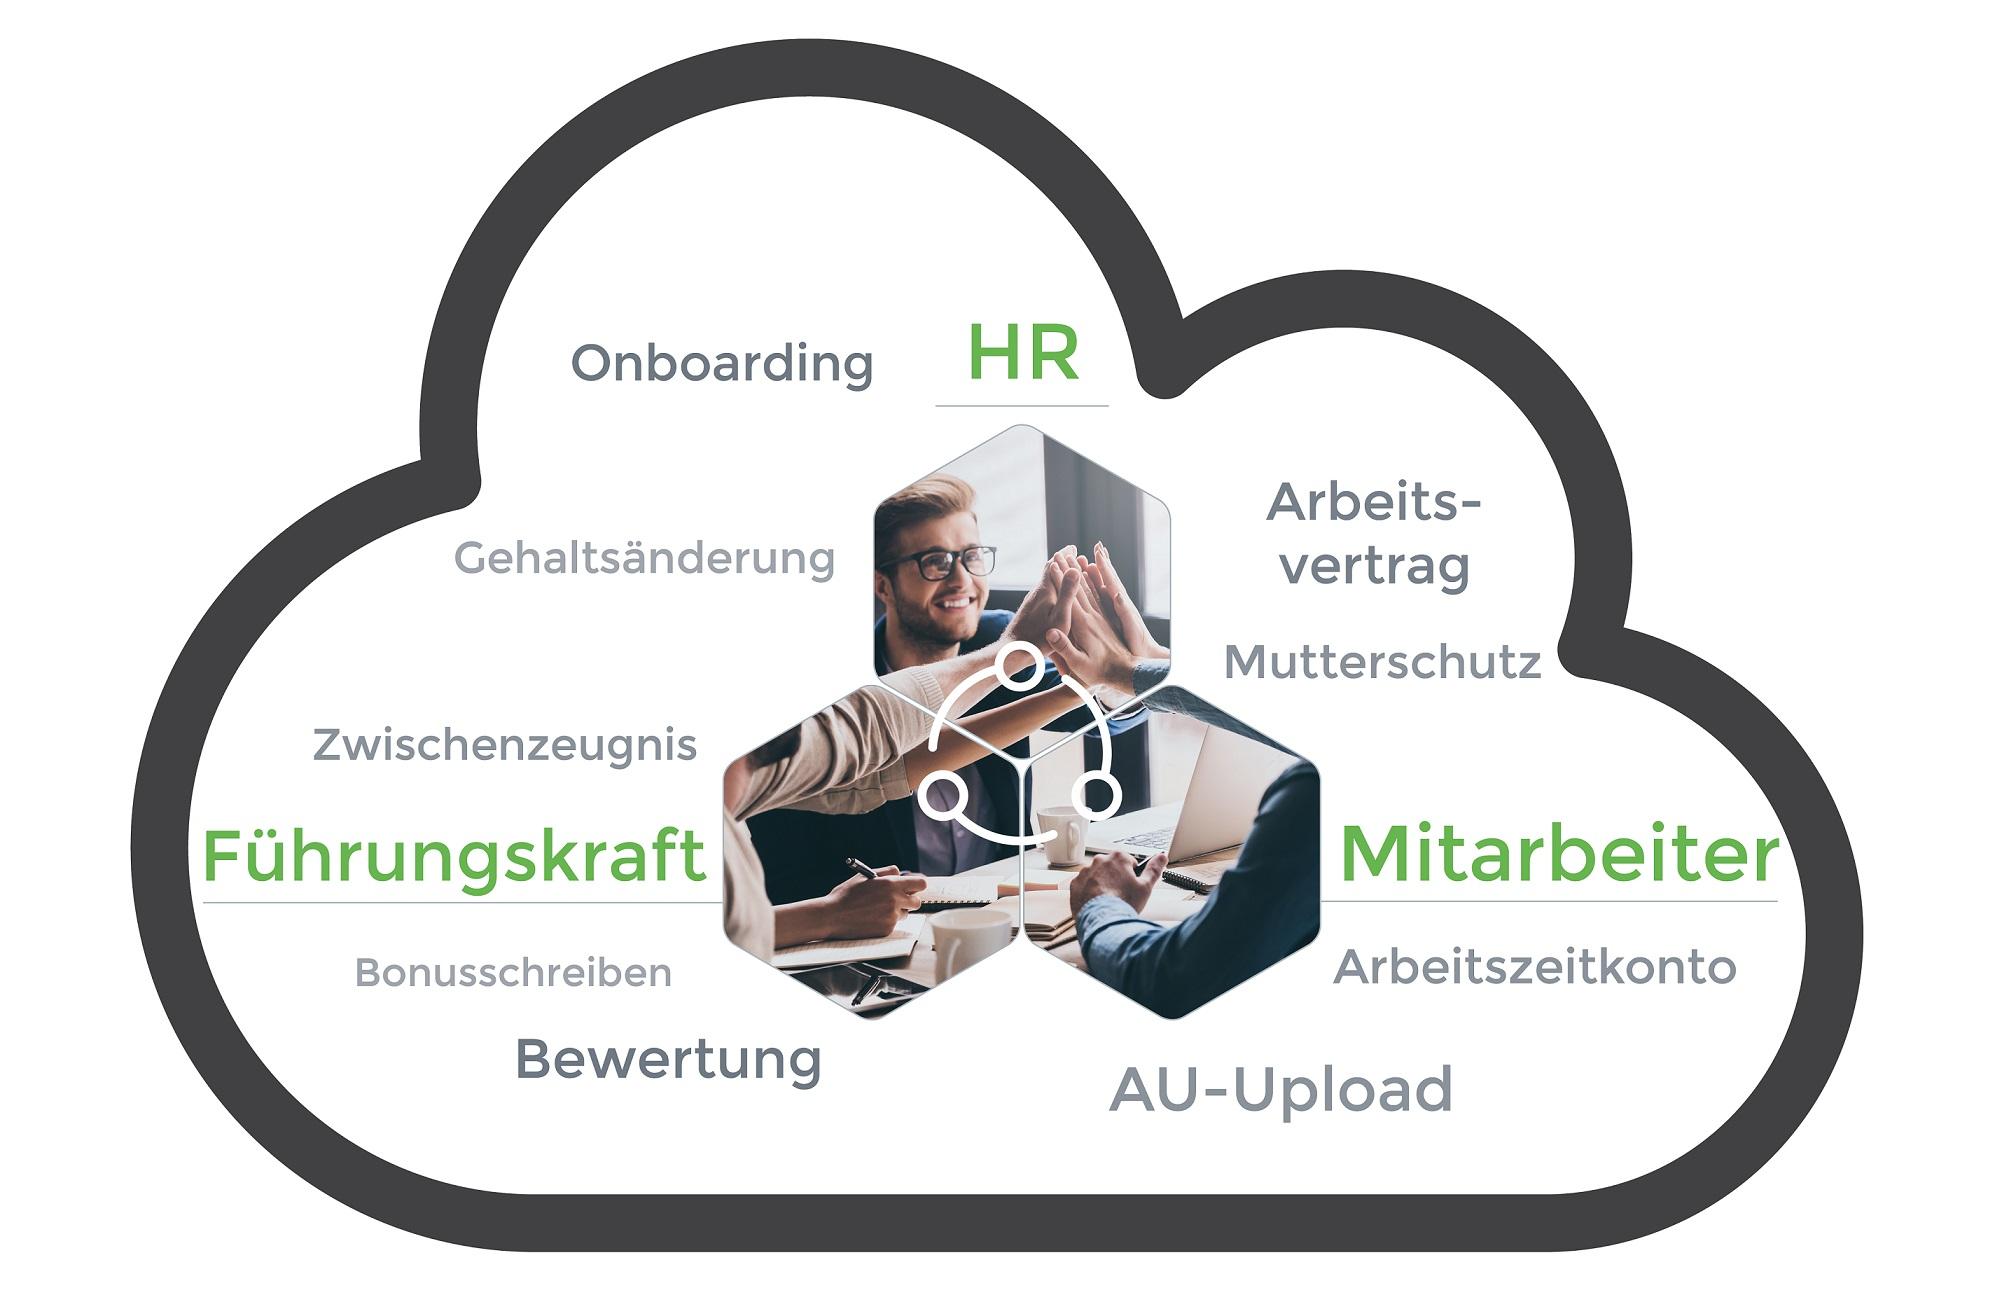 Collaboration-Plattformen vernetzen HR, Fuehrungskraefte und Mitarbeiter miteinander